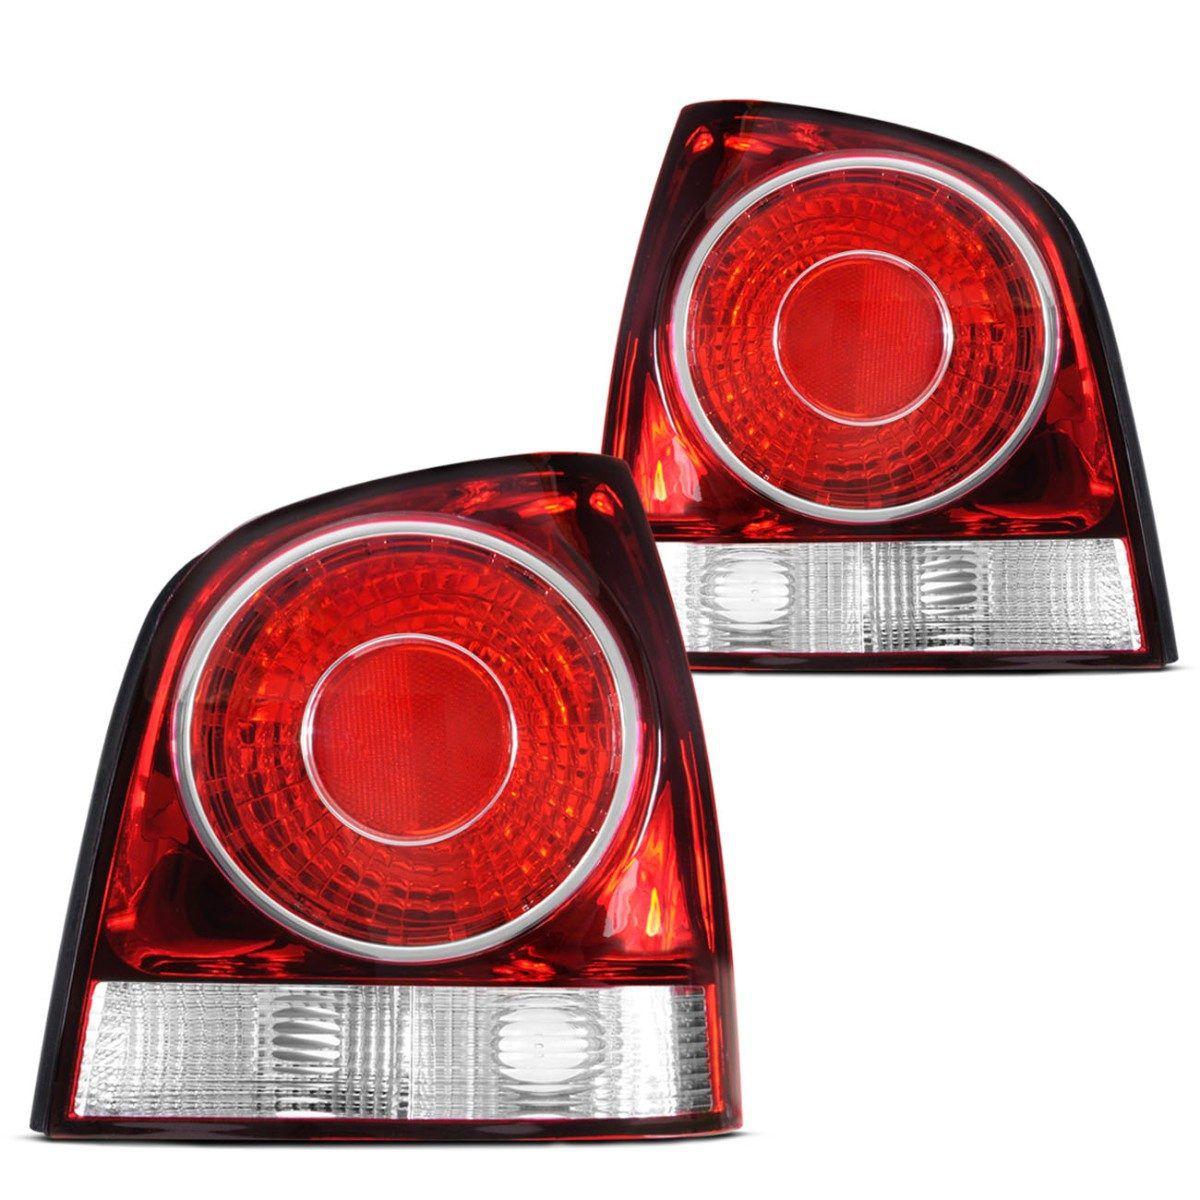 Par Lanterna Traseira Polo Hatch 07 08 09 Serve 02 03 04 05 06